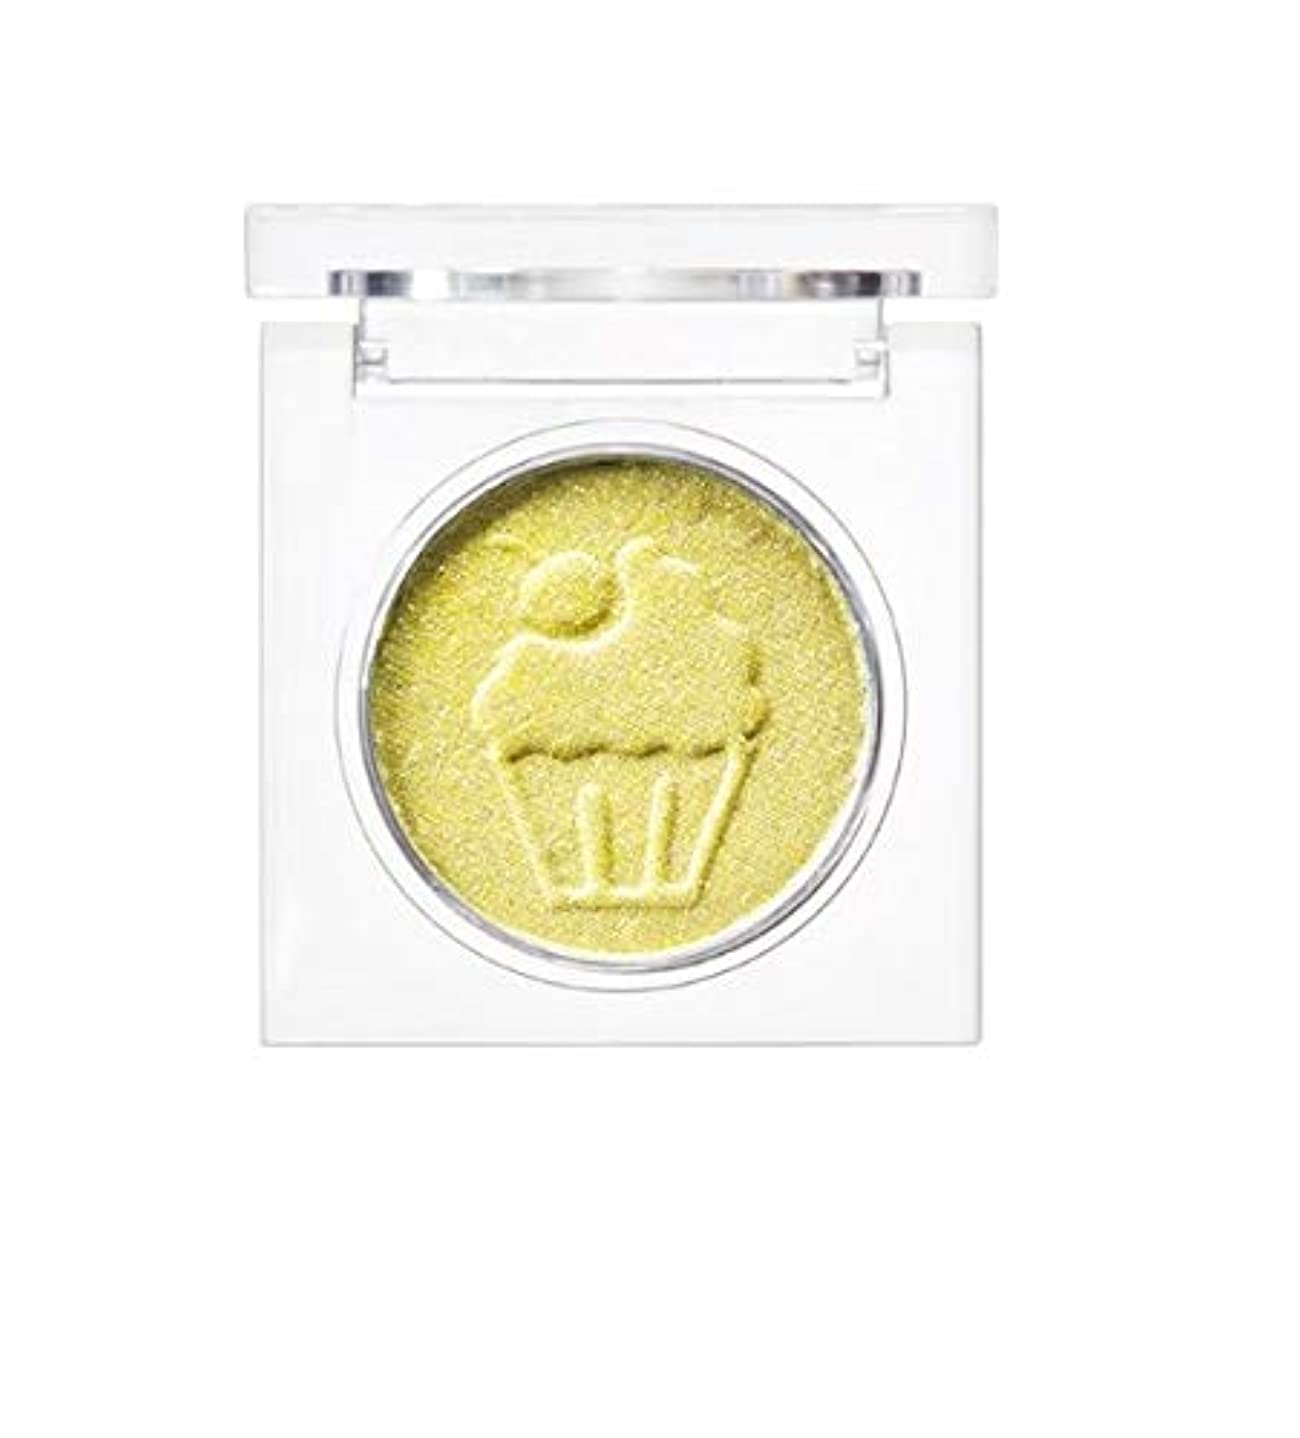 ペパーミント熟達ペレグリネーションSkinfood 私のデザートパーティーアイシャドウ#G02ライムプリン / My Dessert Party Eyeshadow #G02 Lime Pudding [並行輸入品]